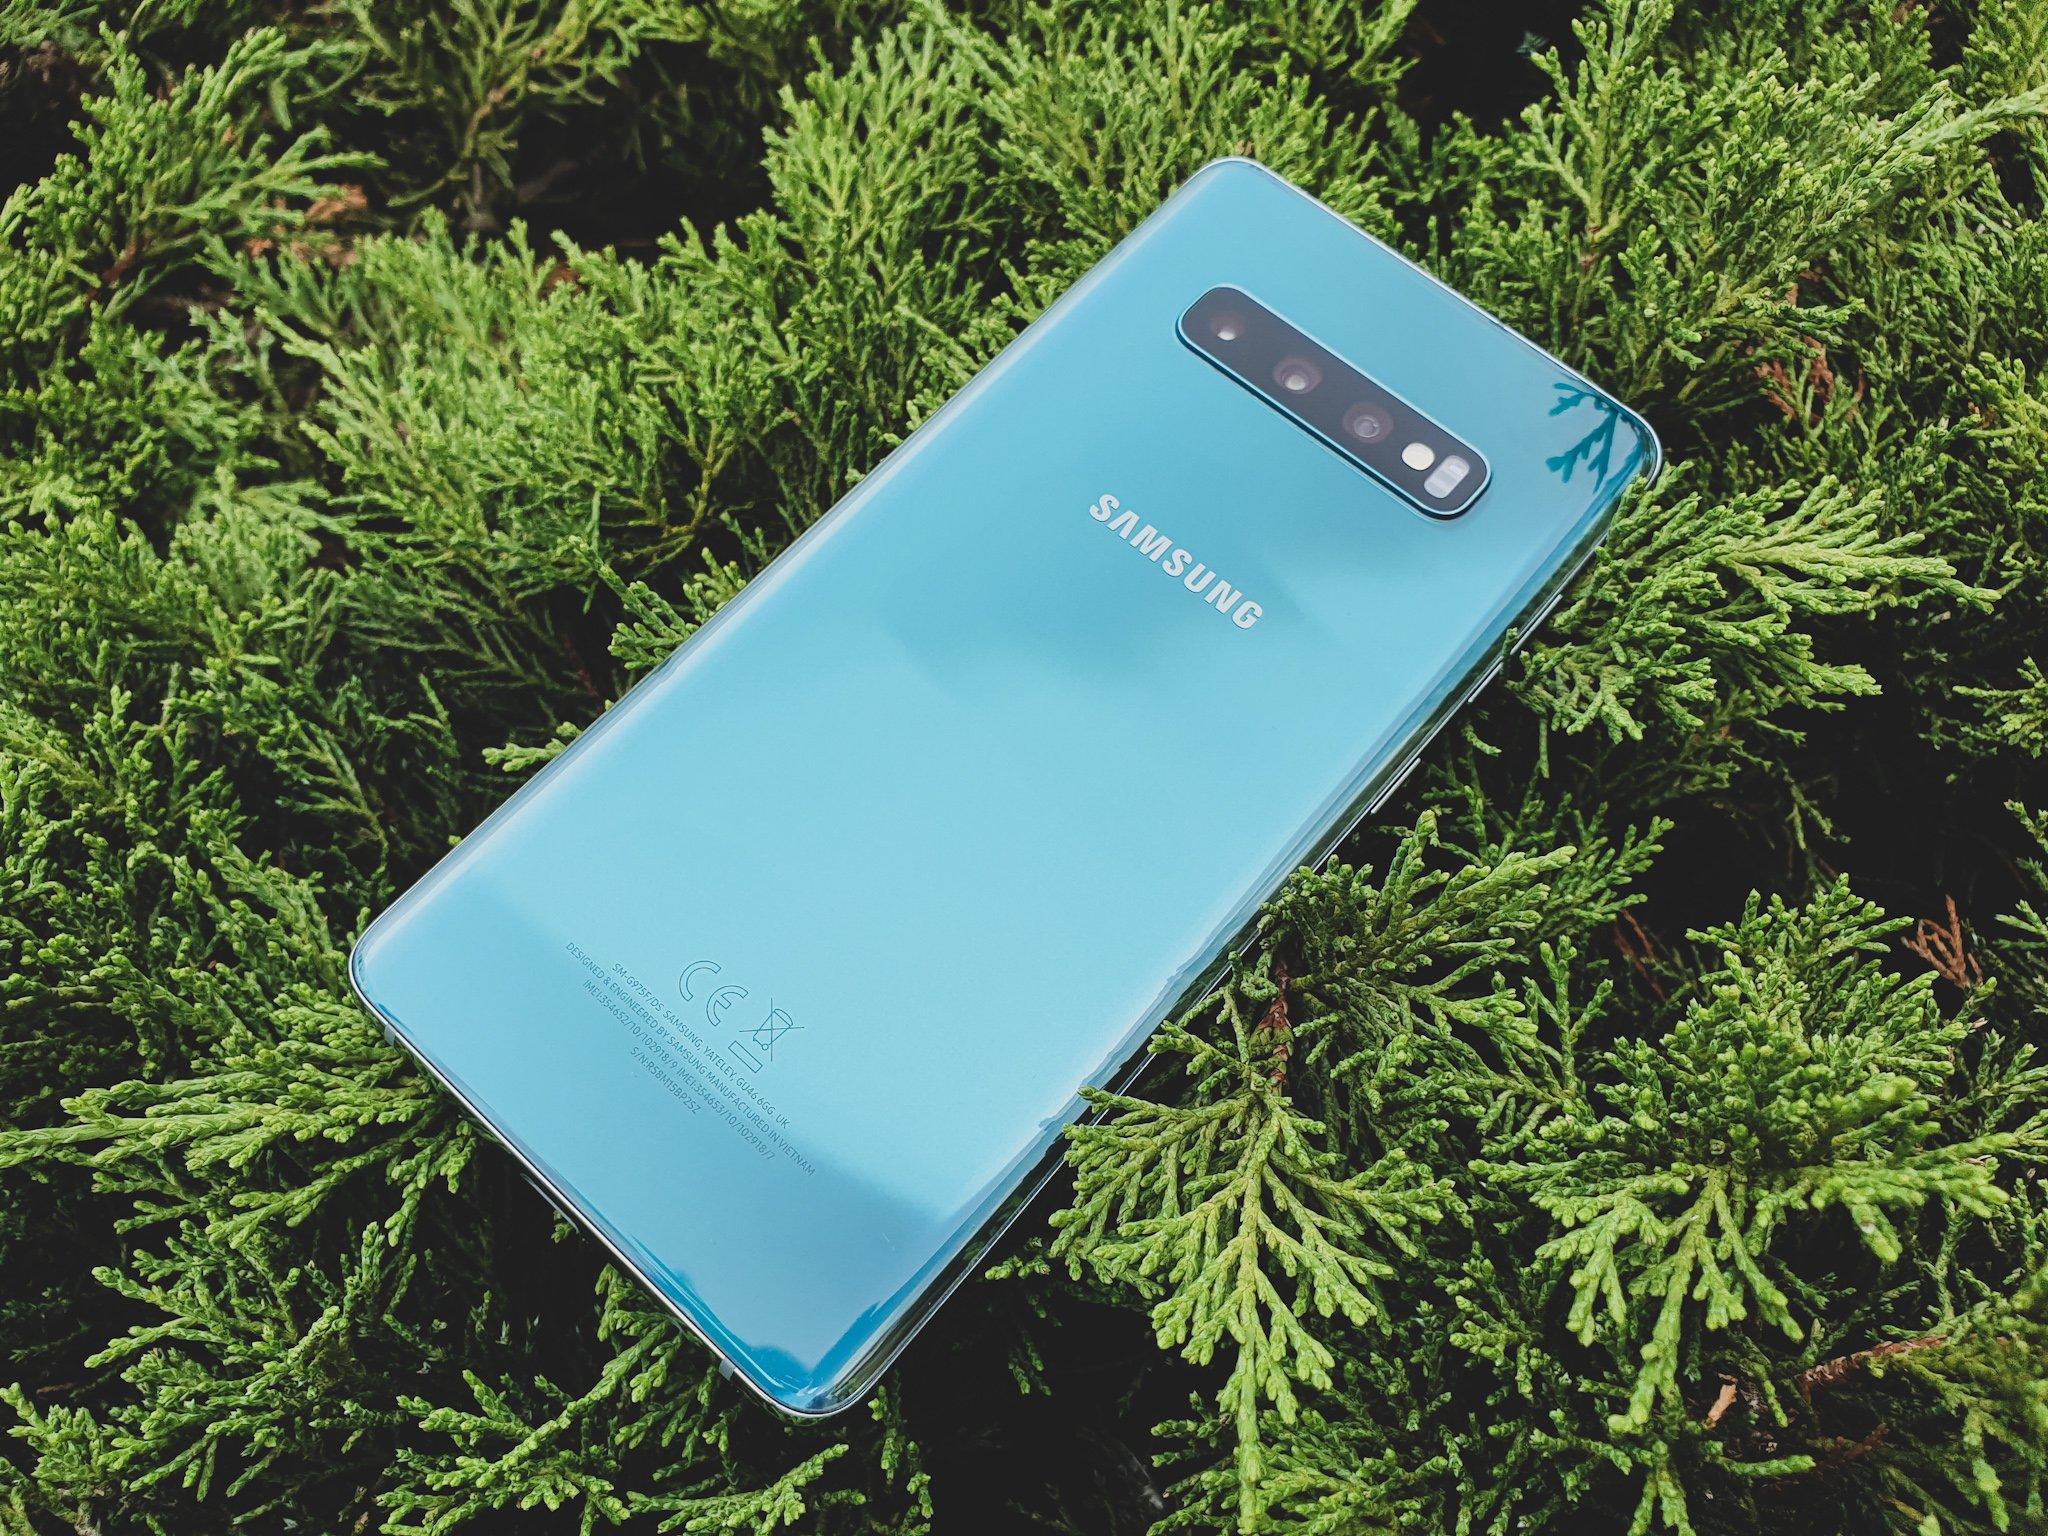 Samsung Galaxy S10 Lite - potwierdza się specyfikacja, premiera coraz bliżej